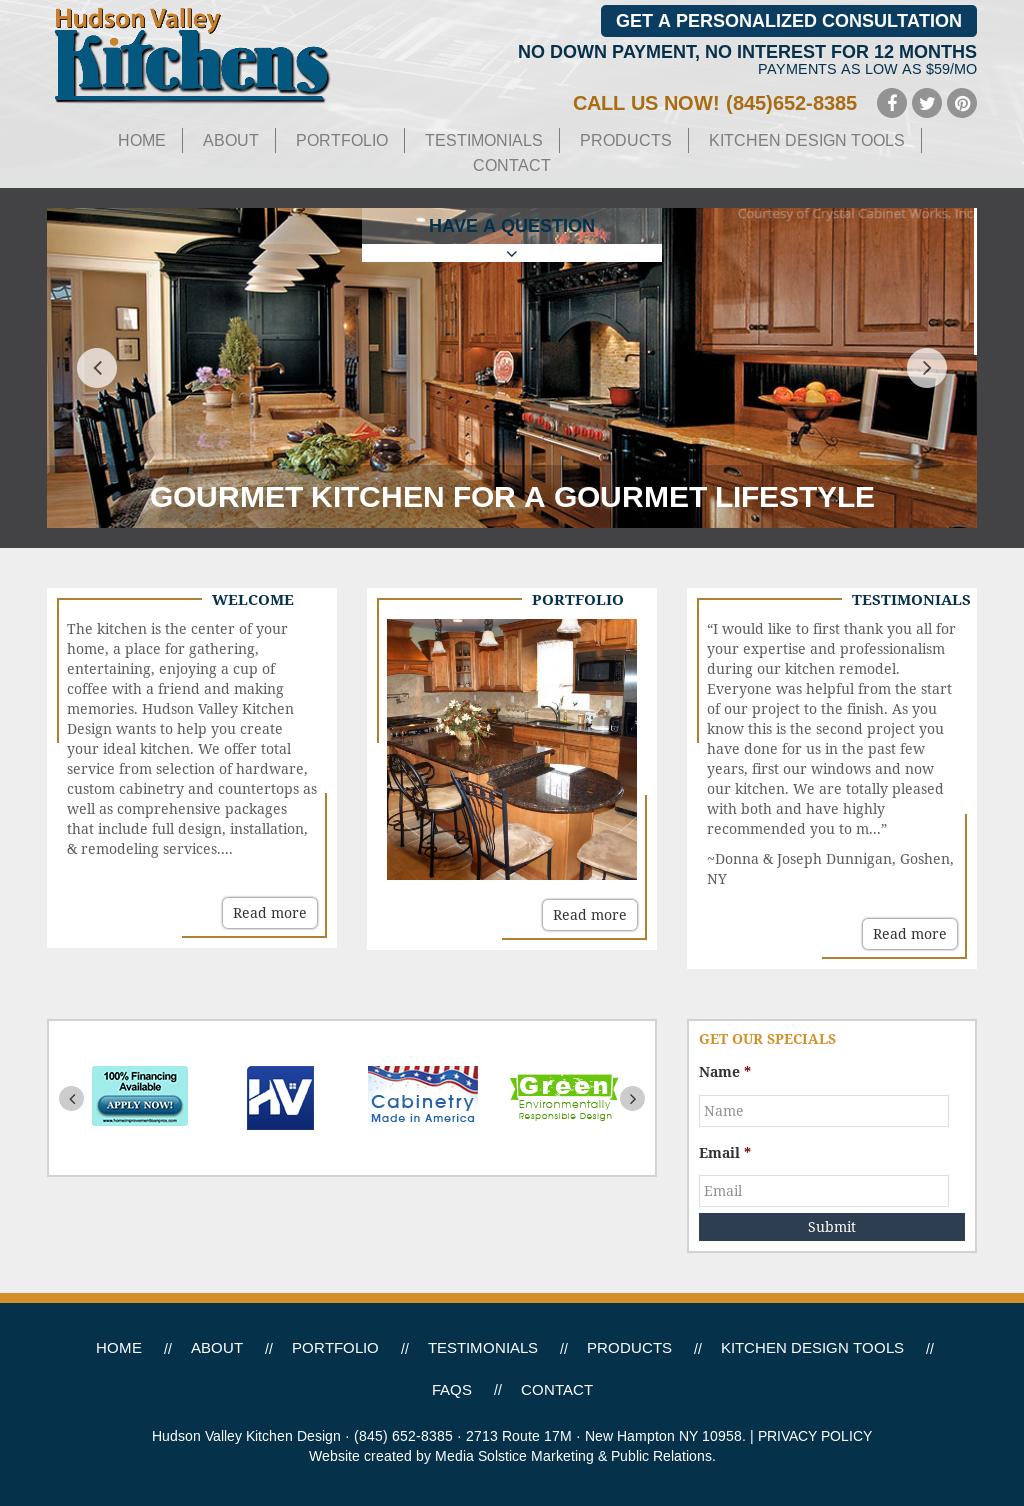 Hudson Valley Kitchen Design Website History